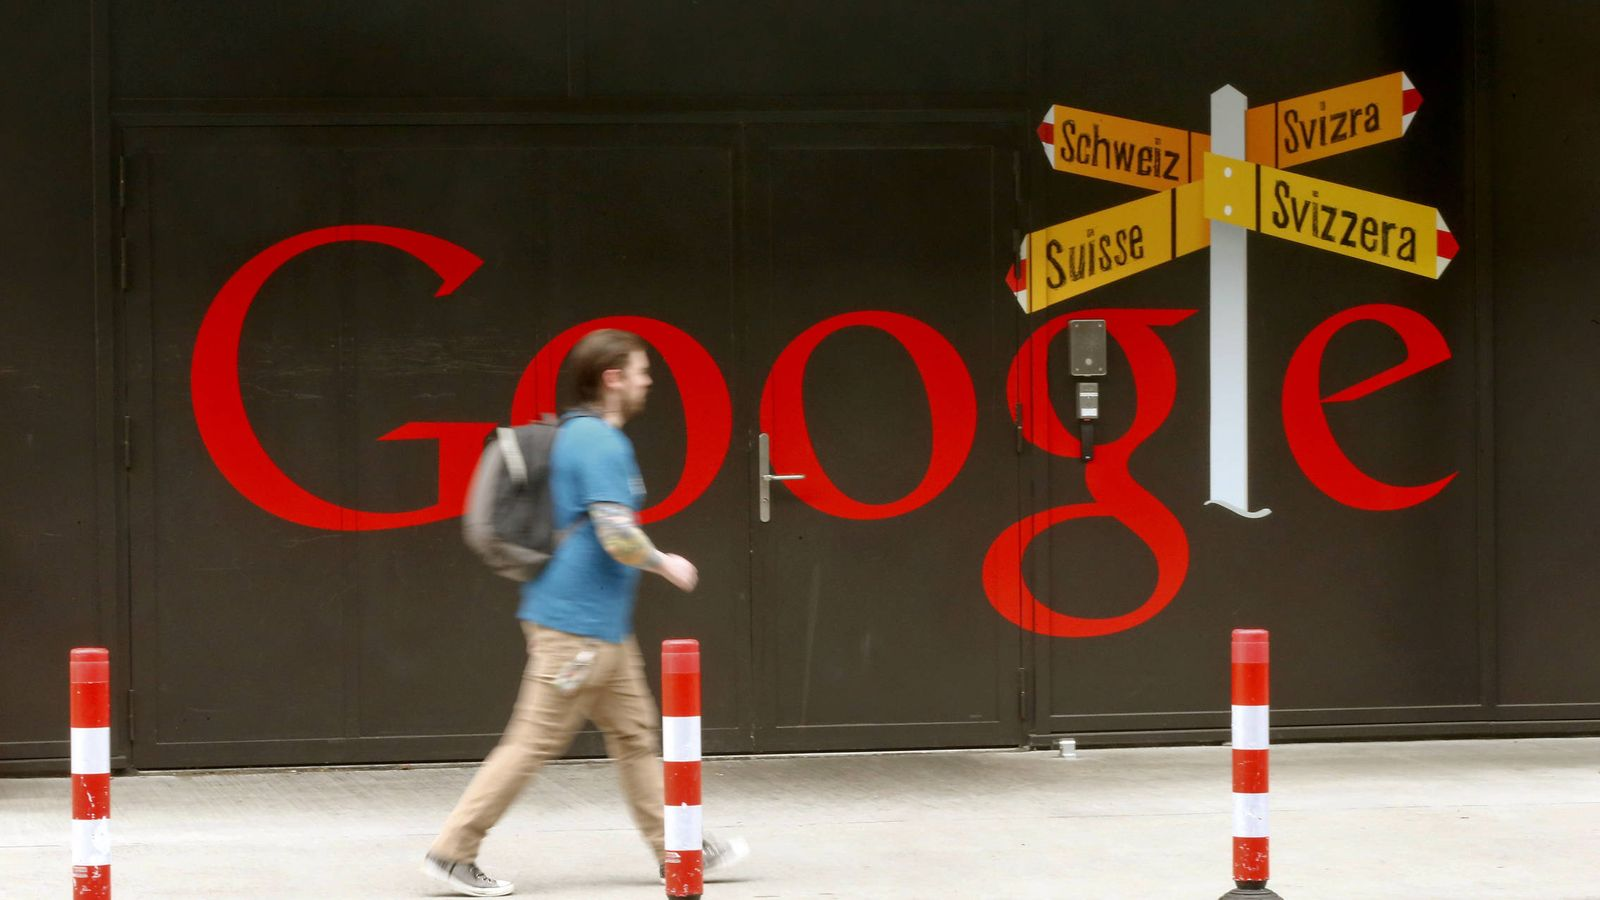 Google: ¿Buscas trabajo? Los consejos de Facebook, Google y LinkedIn ...